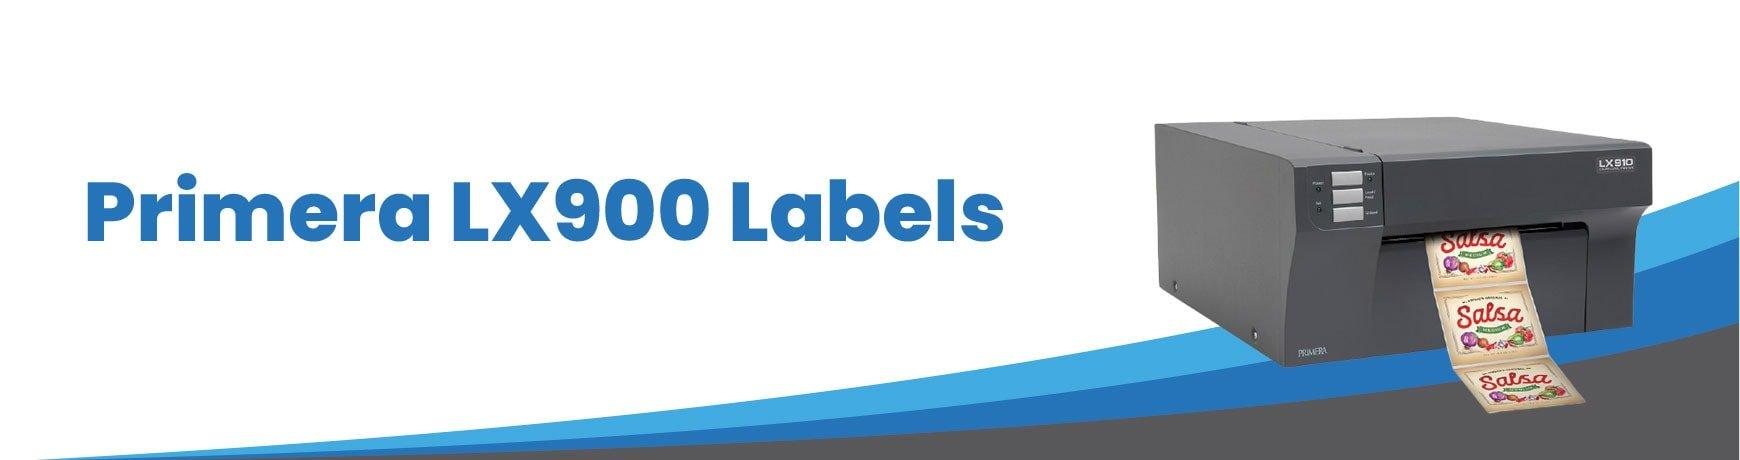 Primera LX900 Labels